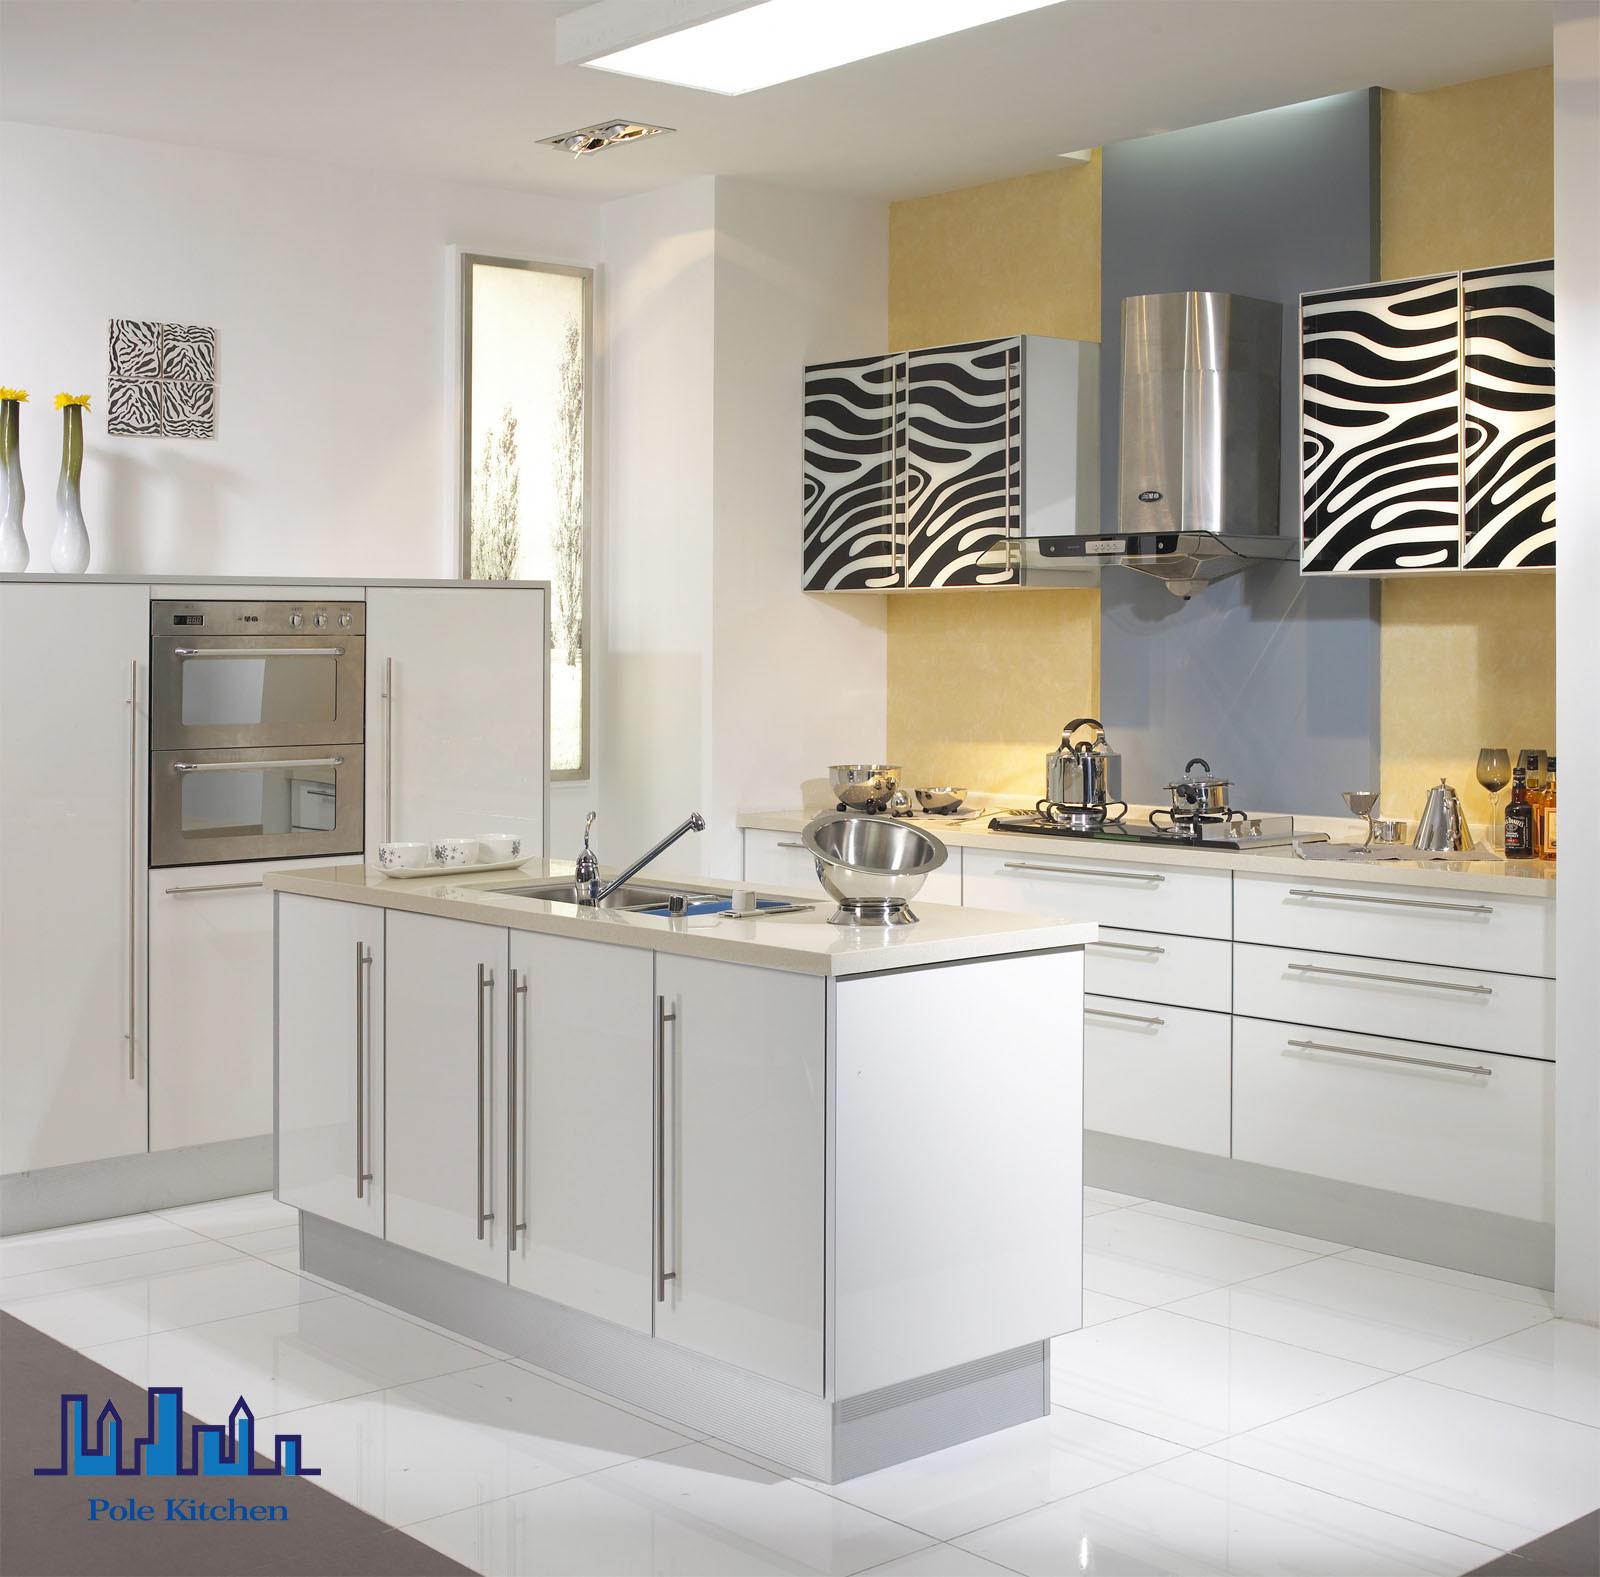 Foto de gabinete 2016 de cocina blanco del pvc de la isla for Gabinetes de cocina modernos 2016